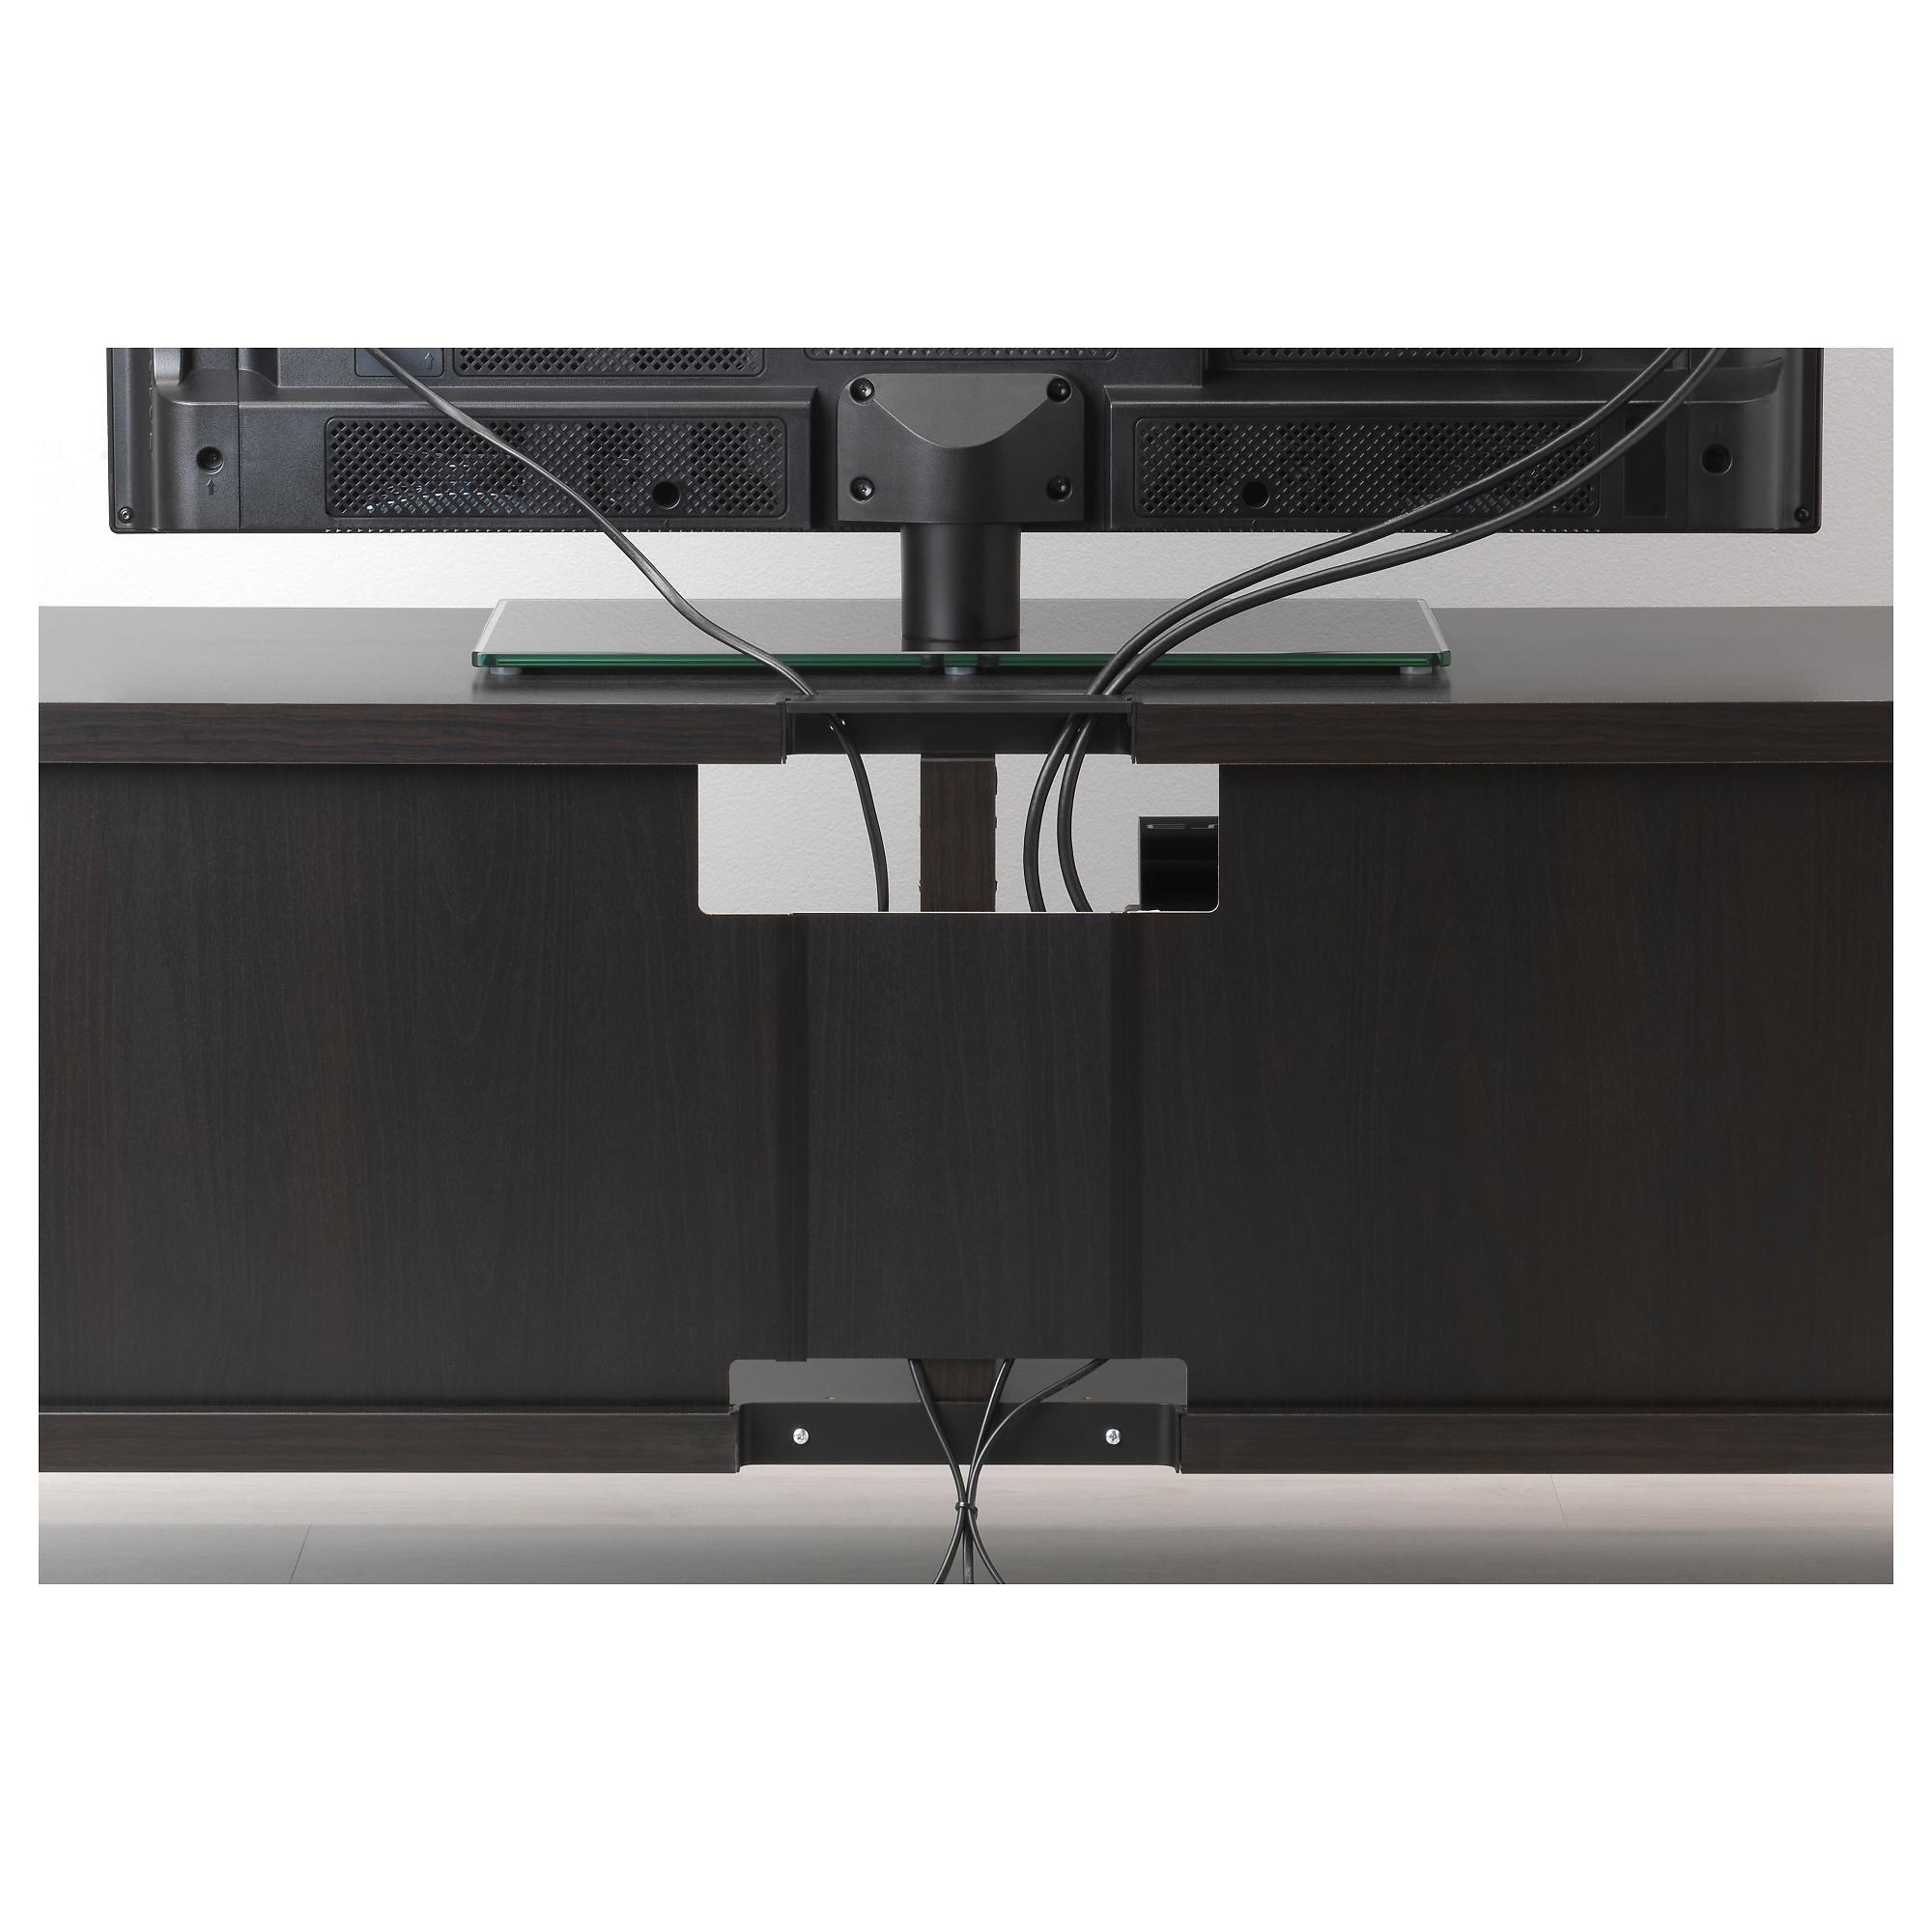 Тумба для ТВ с ящиками БЕСТО артикуль № 892.448.82 в наличии. Online магазин IKEA Беларусь. Быстрая доставка и установка.